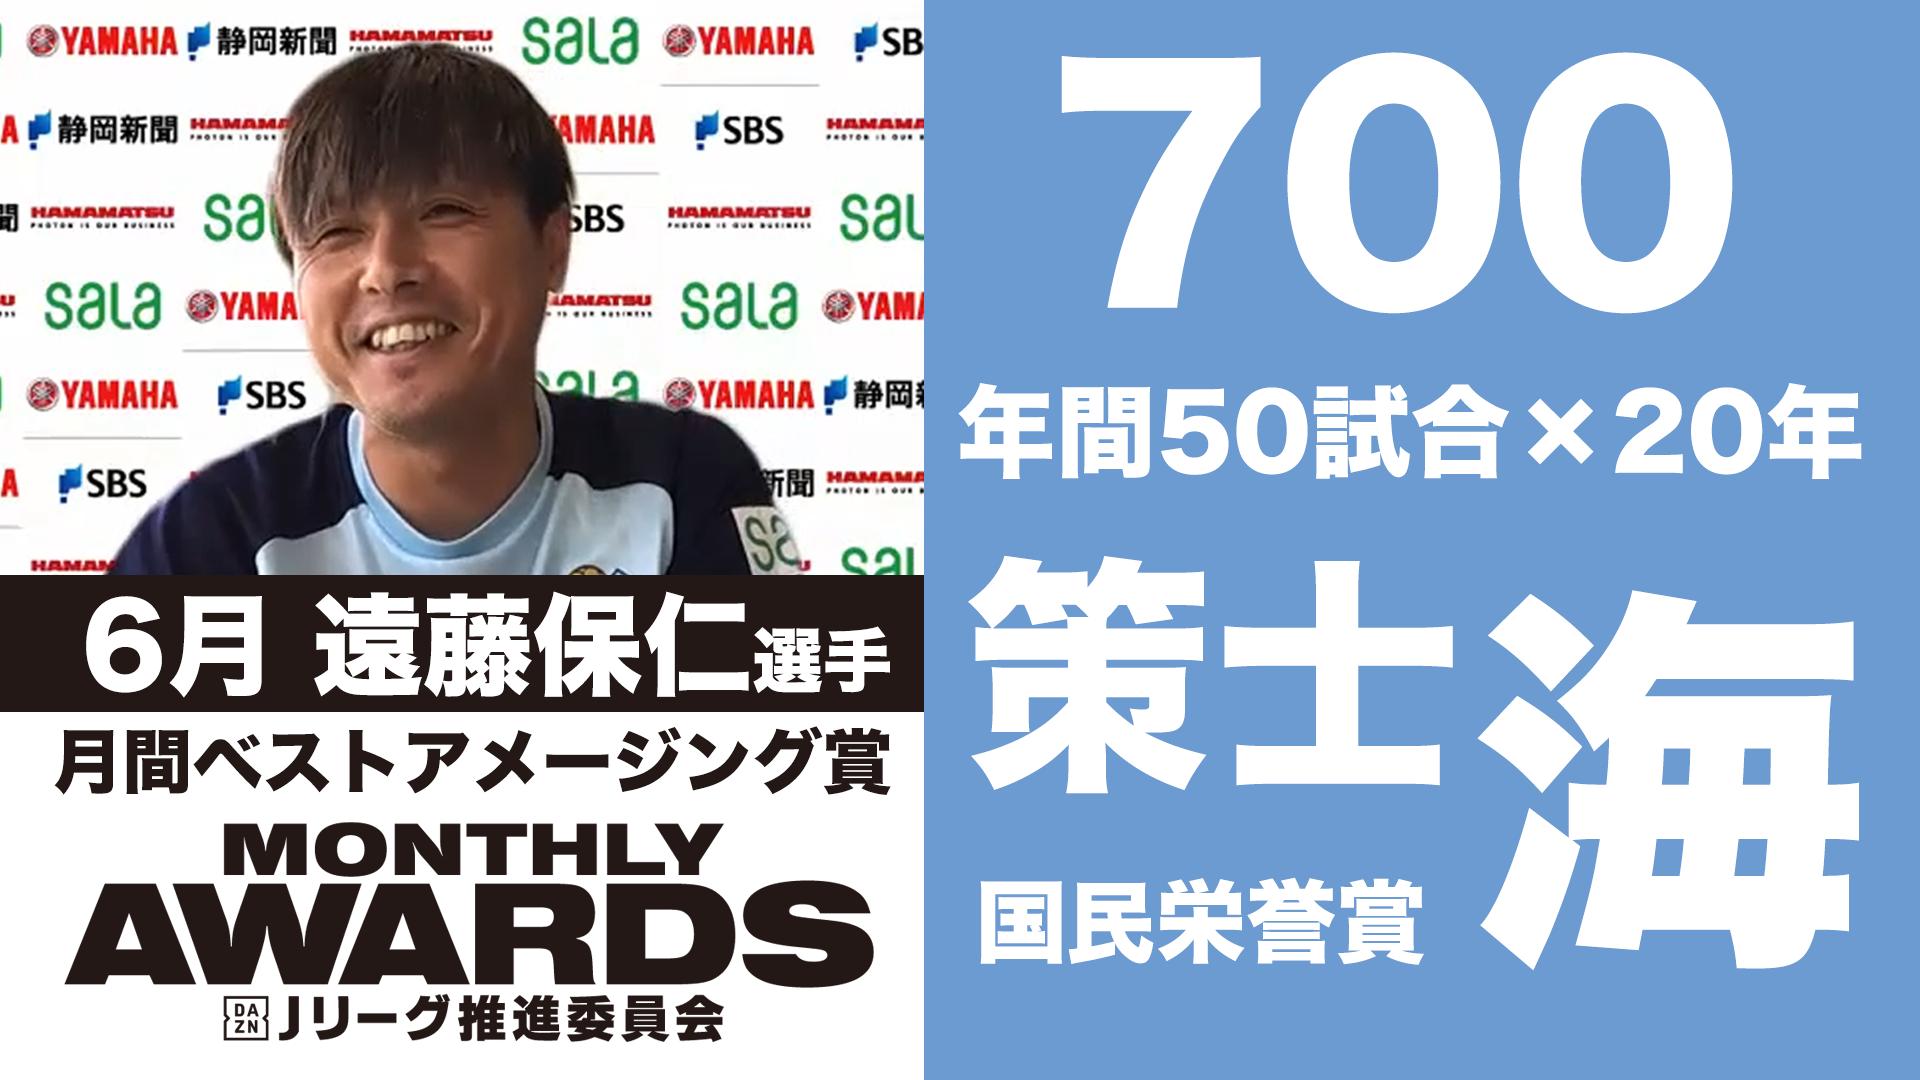 【動画】前人未到のJ通算700試合達成!磐田・遠藤保仁選手